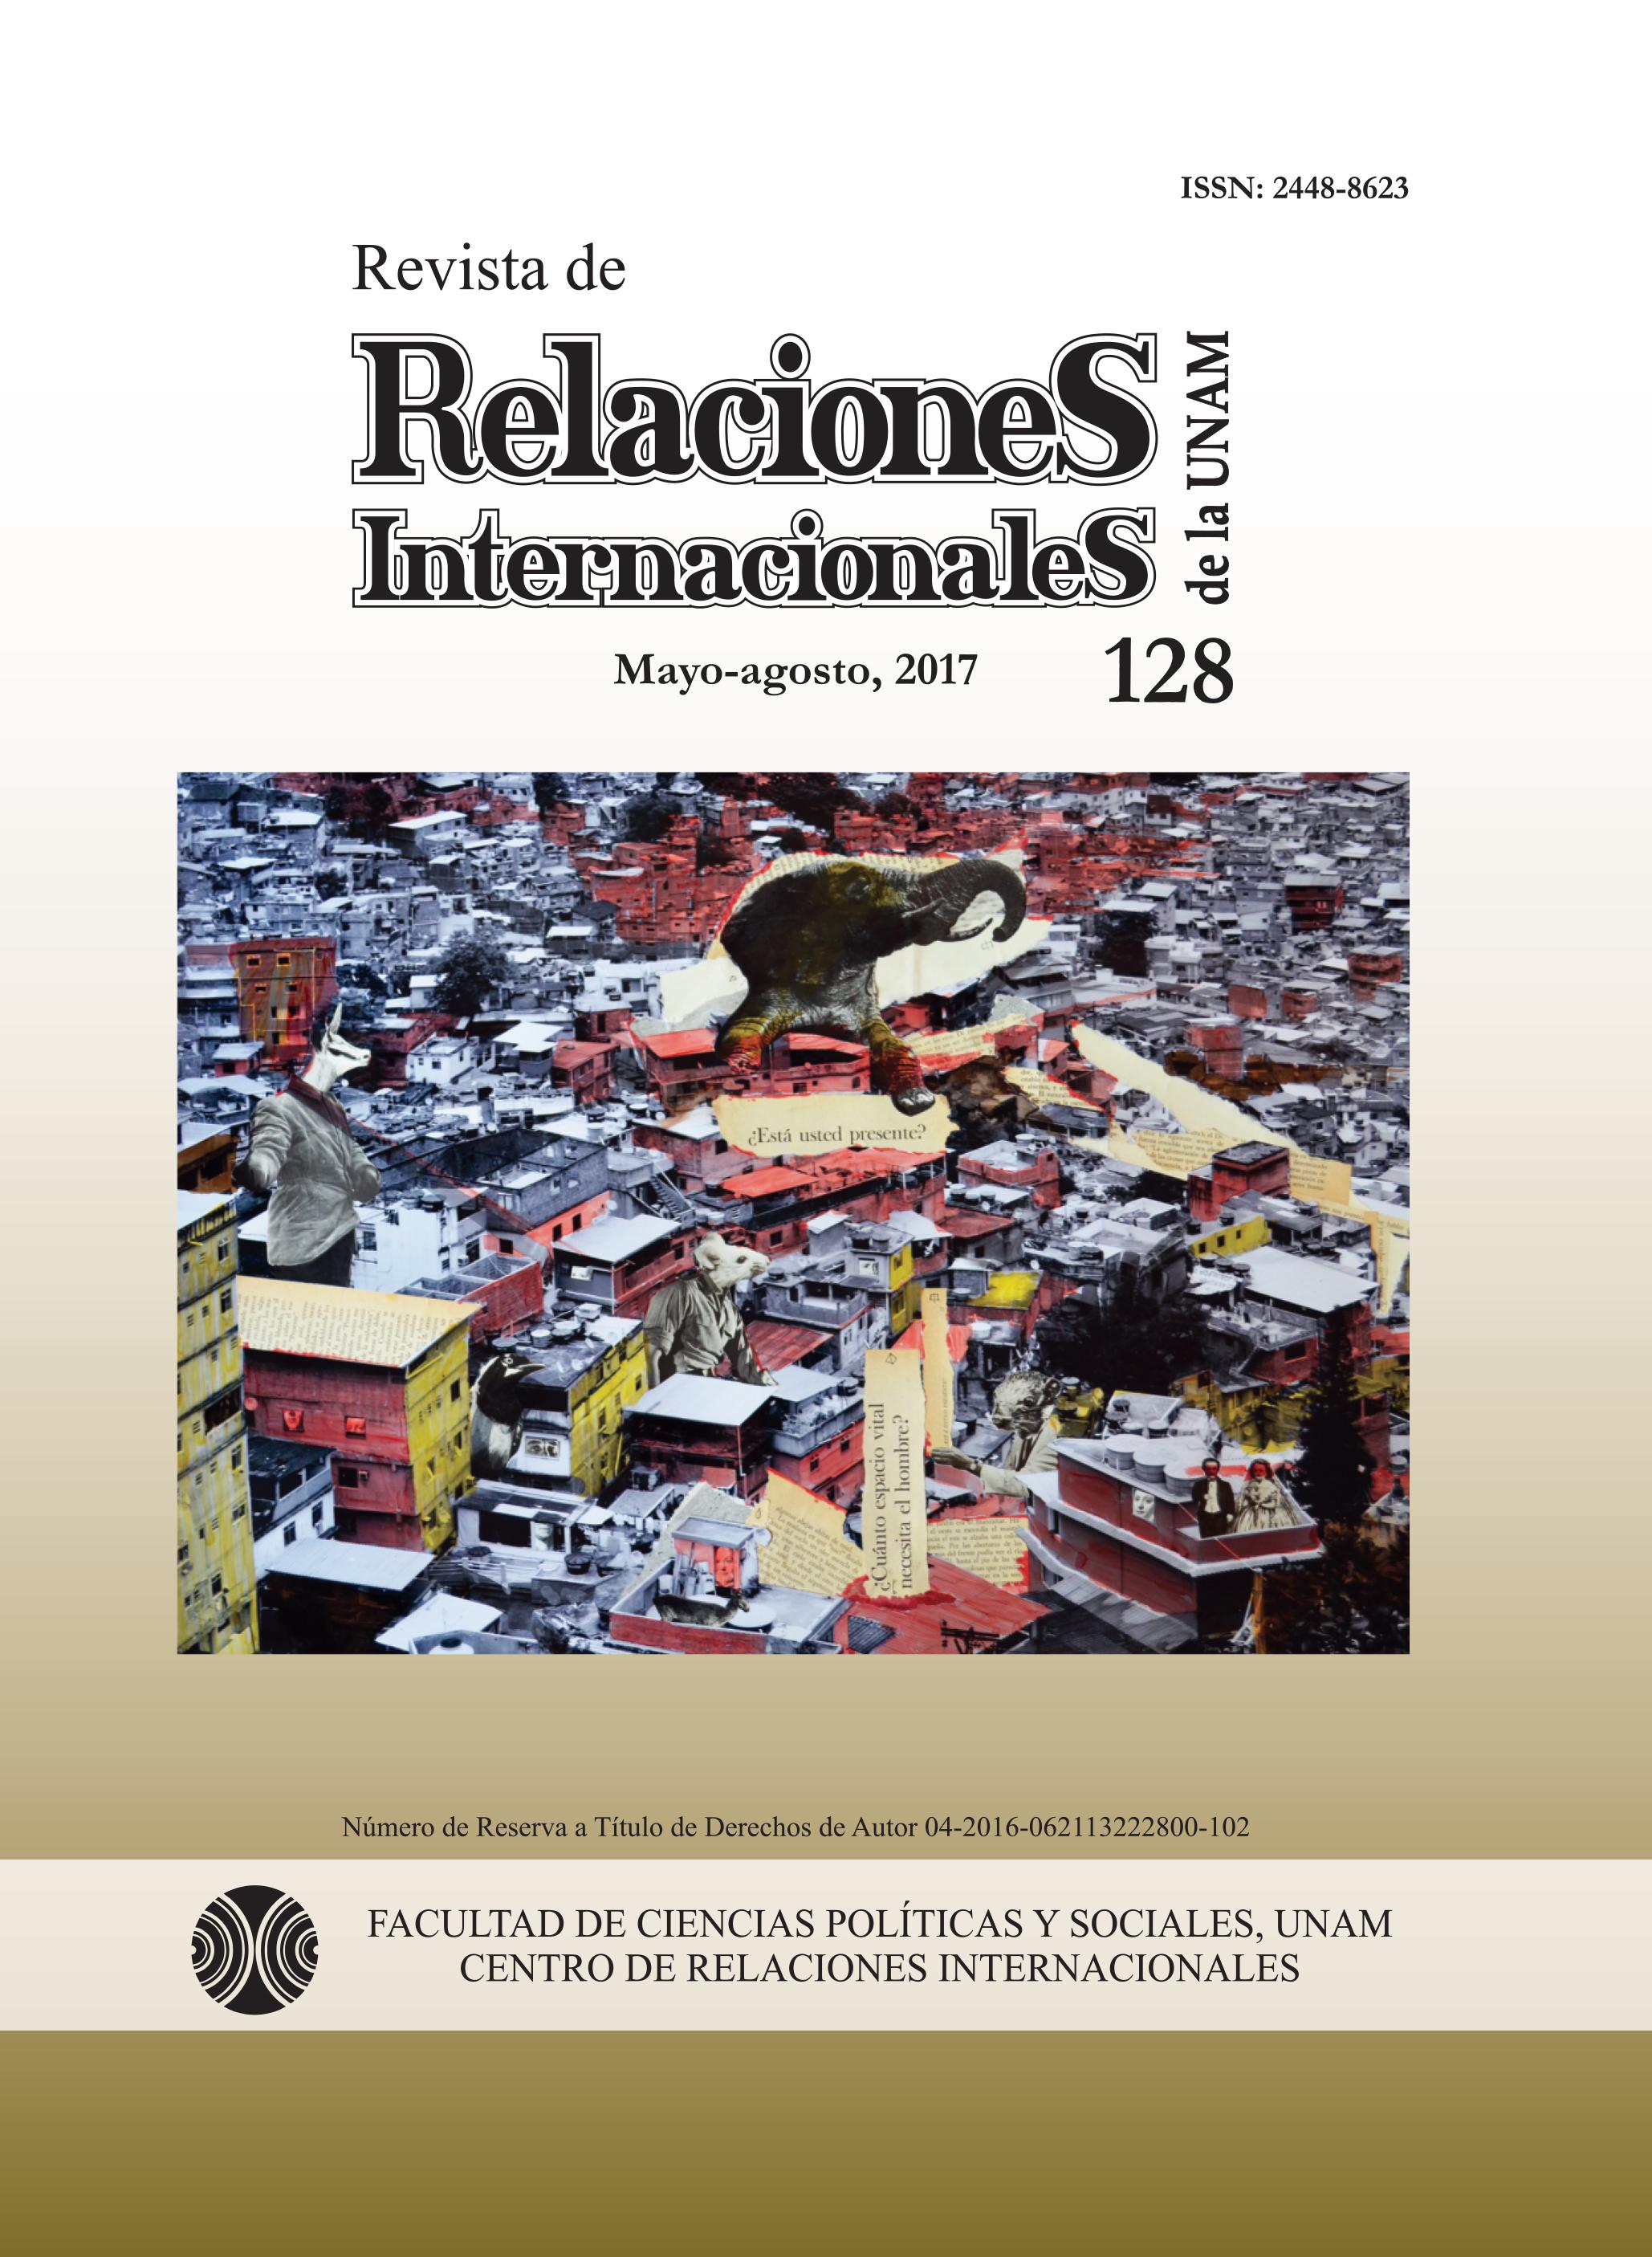 Gobernanza mundial: significado, crítica y aplicaciones en su dimensión regional, de Cutberto Hernández Legorreta y María Elena Pompa Dávalos (coords.)